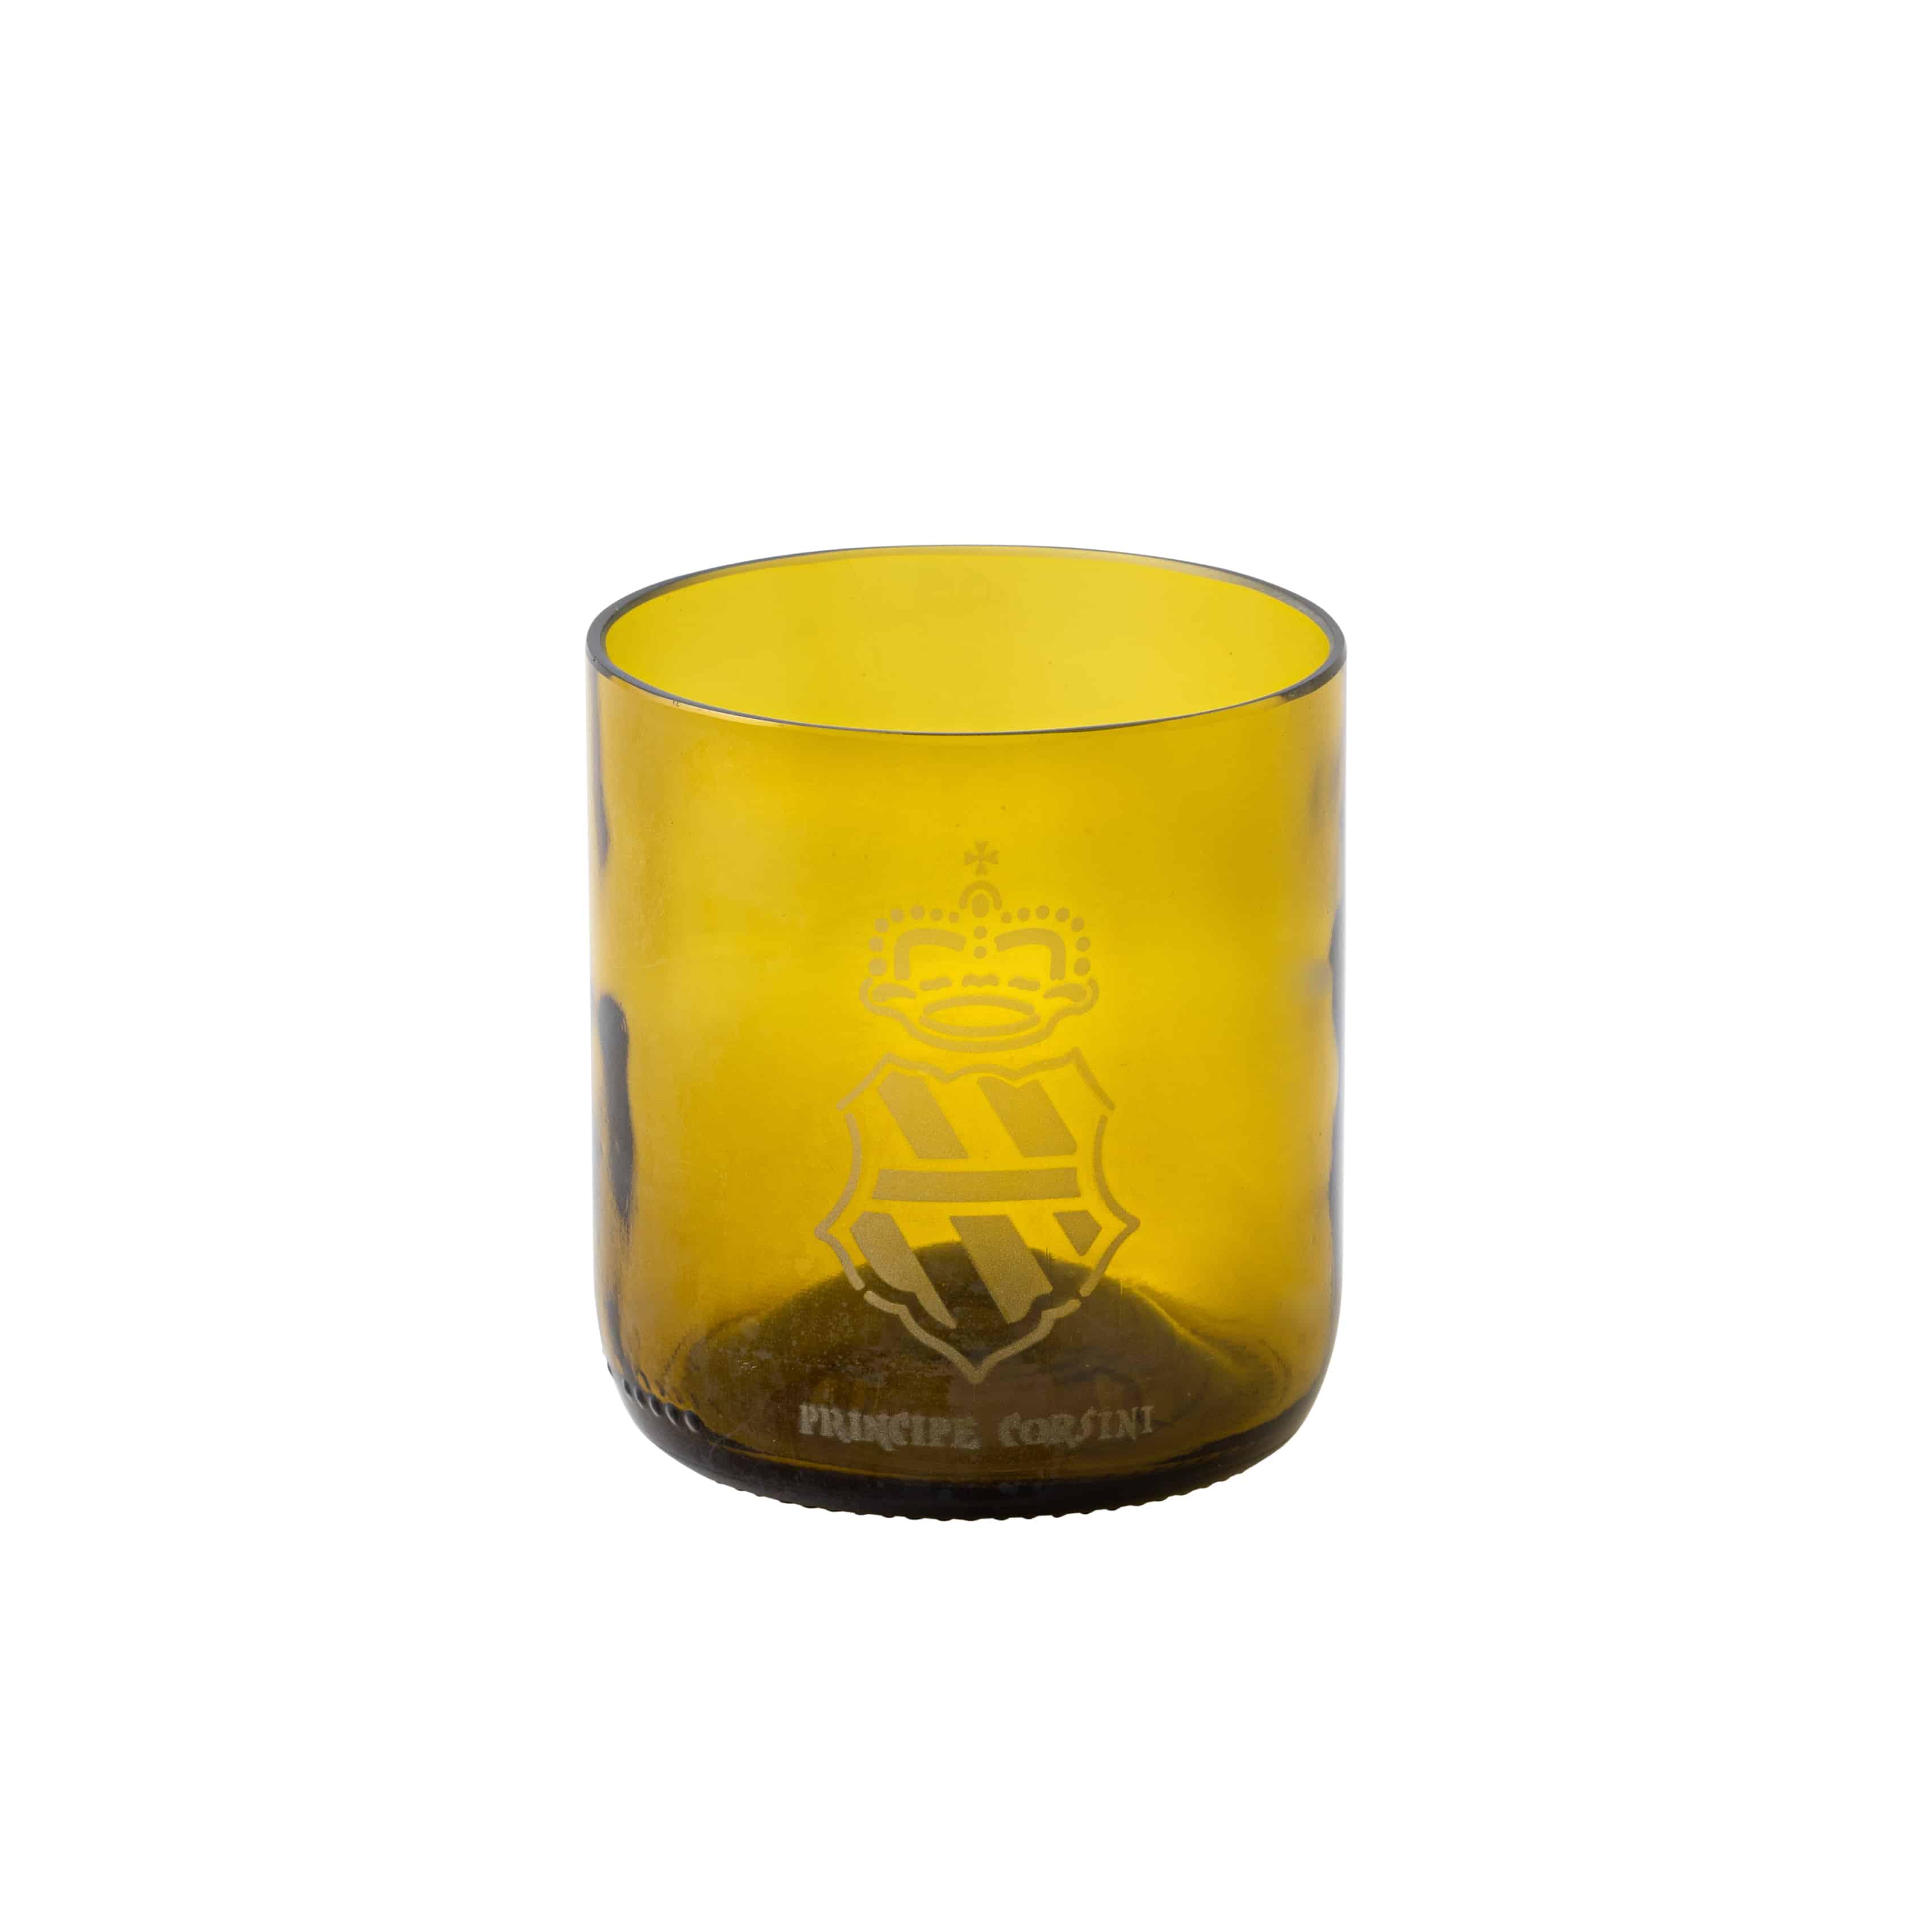 Bicchiere in vetro Principe Corsini